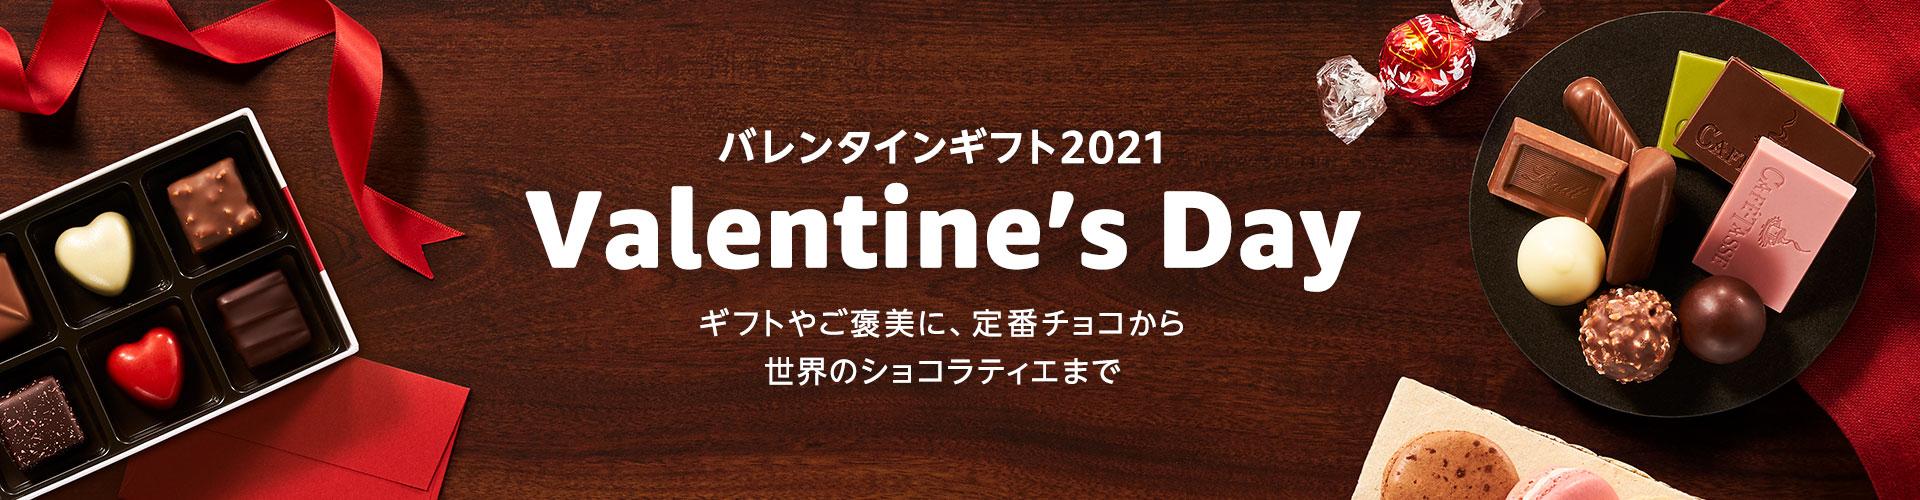 バレンタインギフト2021ギフトやご褒美に、定番チョコから世界のショコラティエまで